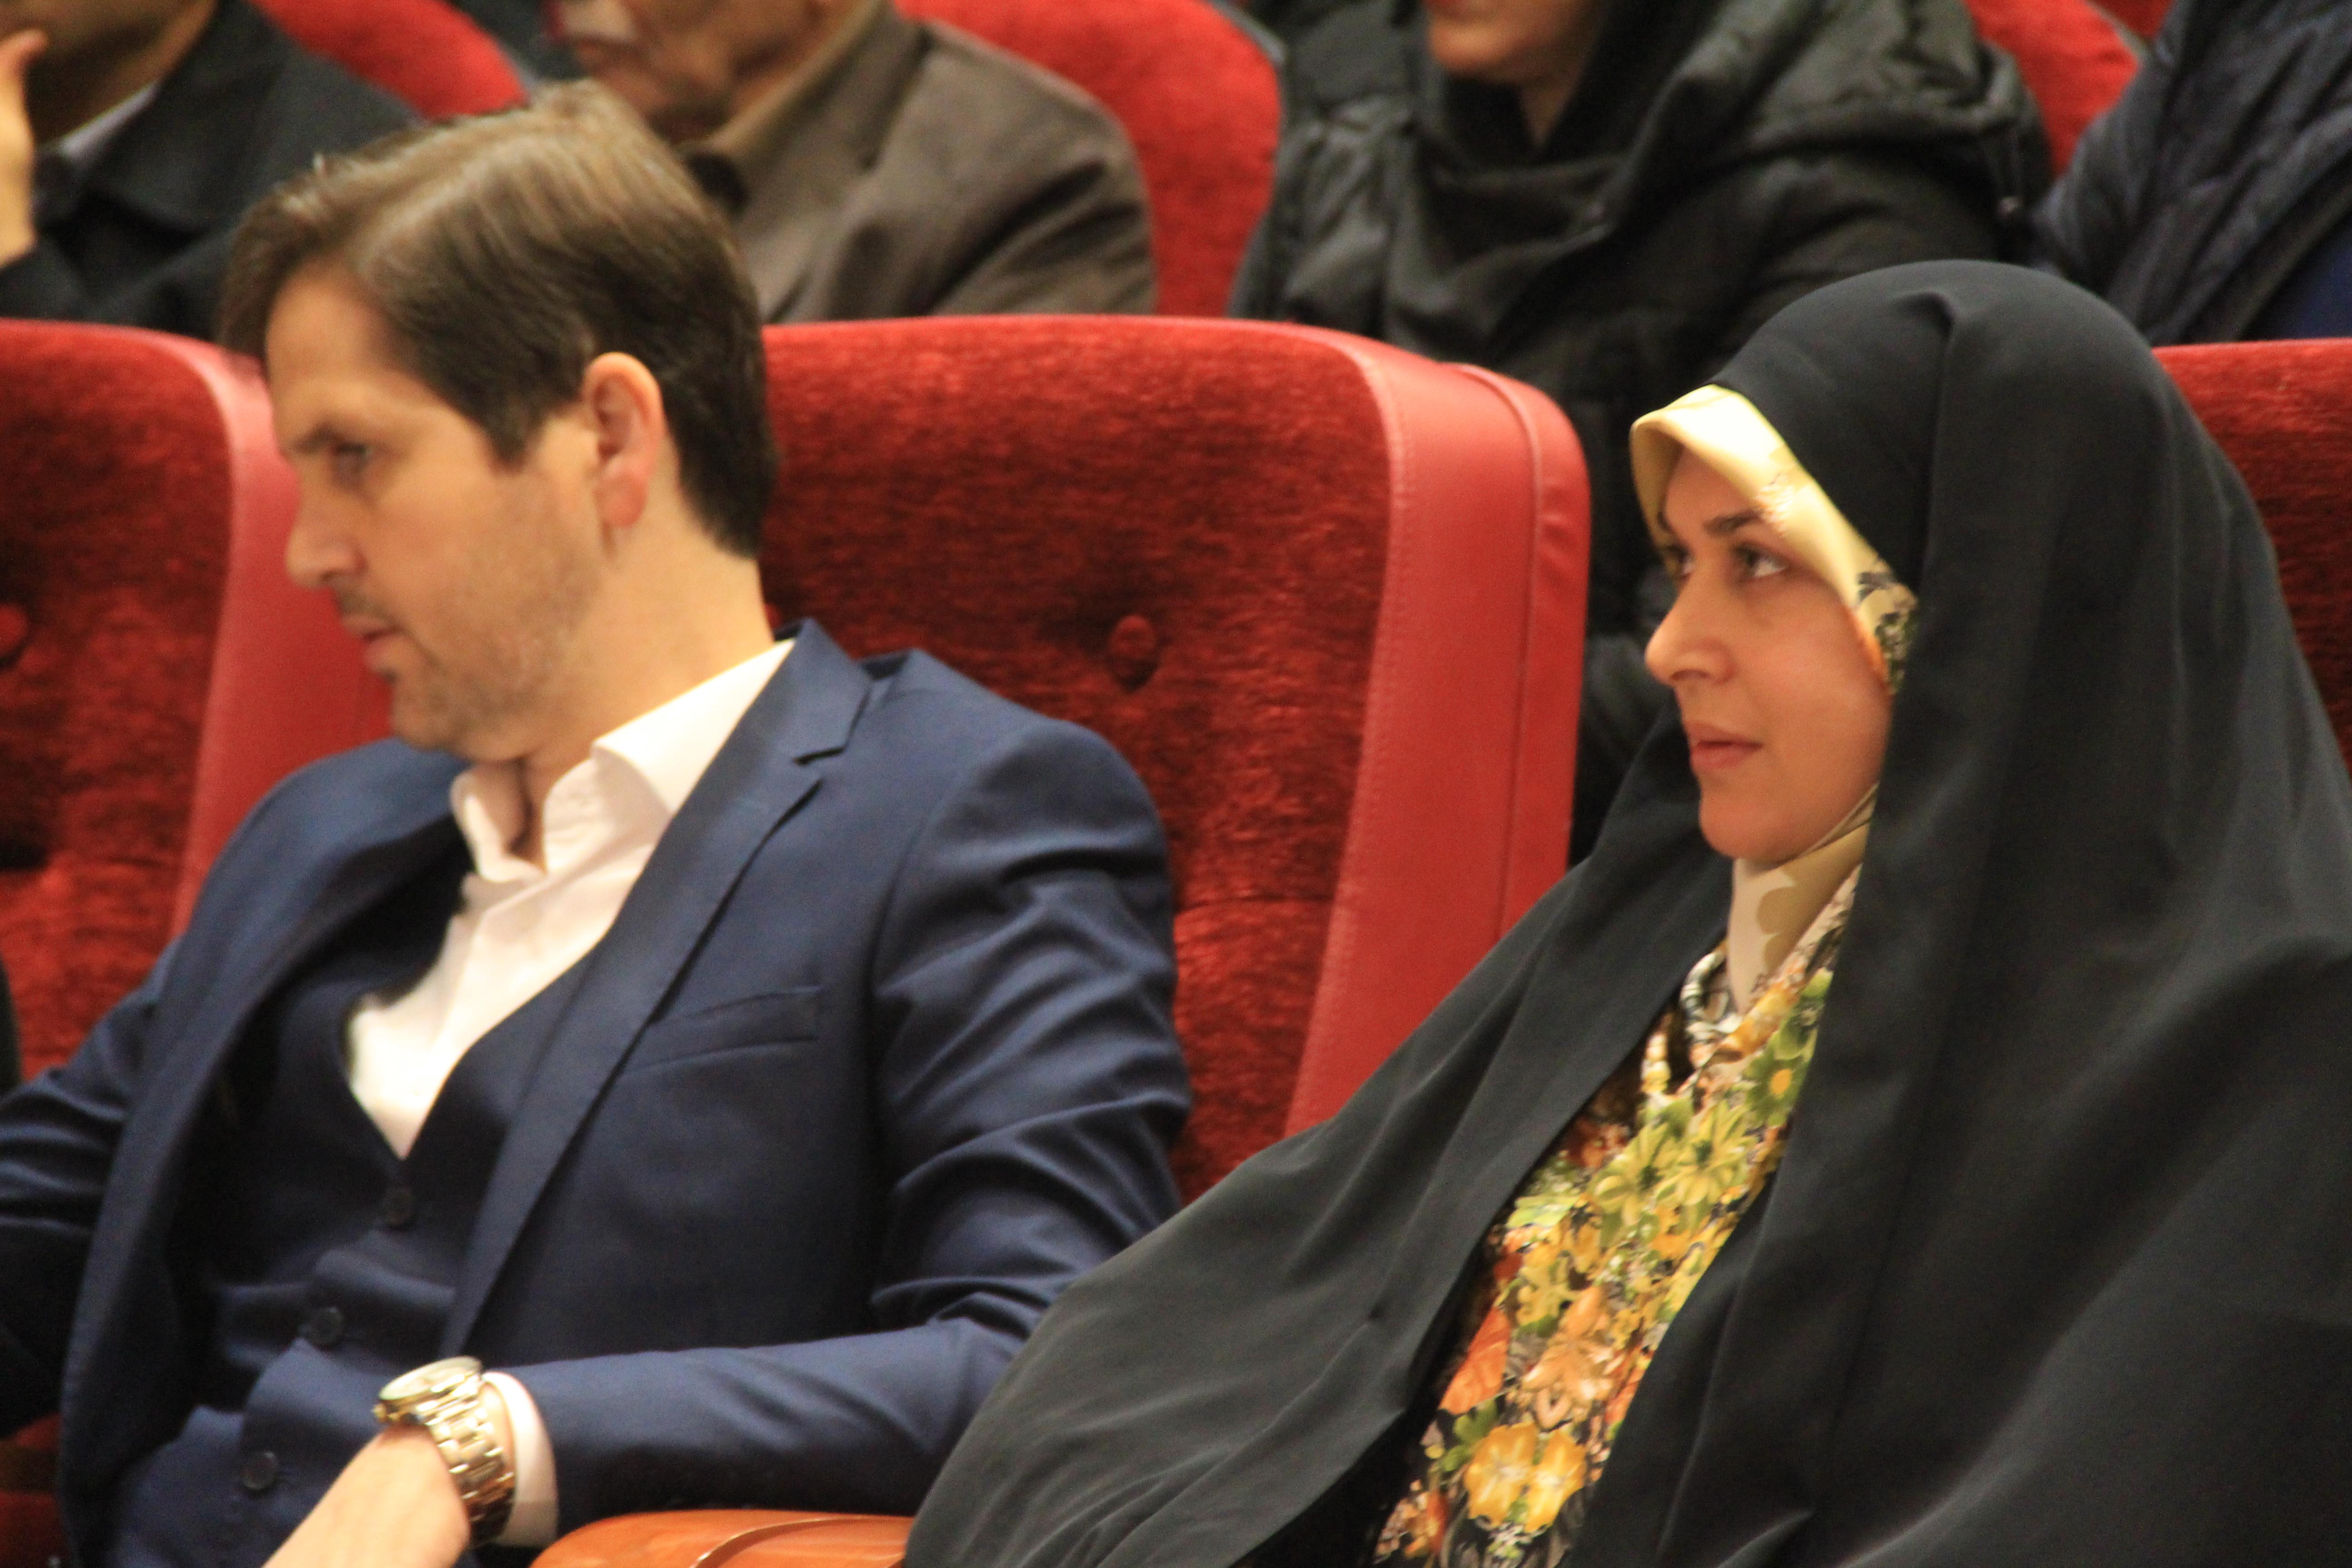 جشنواره فجر رویداد هنری ارزشمند در شهر رشت است/در بودجه های فرهنگی اختصاص یافته به شهرستان رشت هنرمندان بومی حمایت شوند